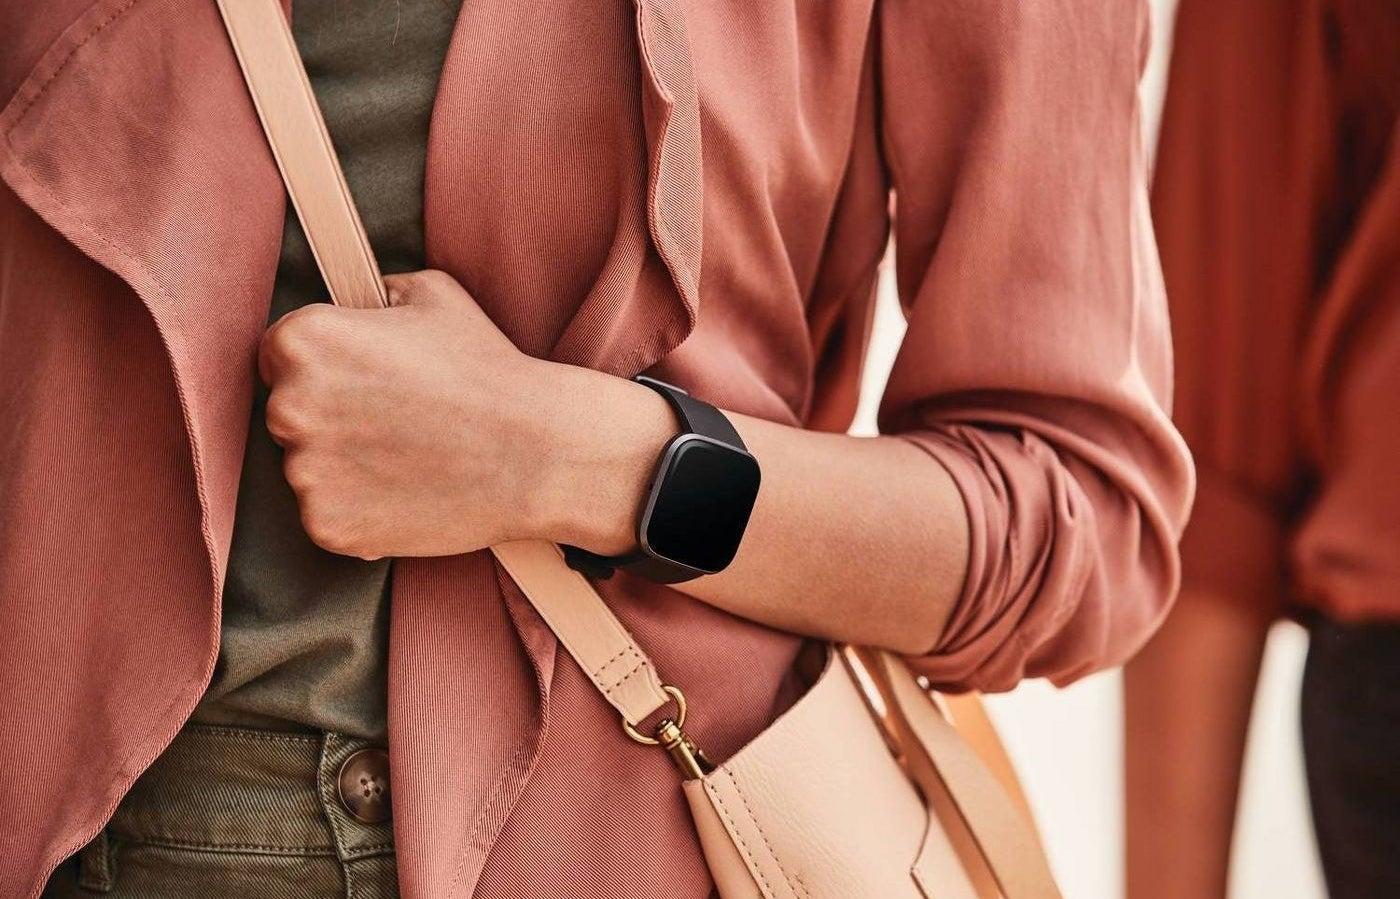 Model wearing the smart watch